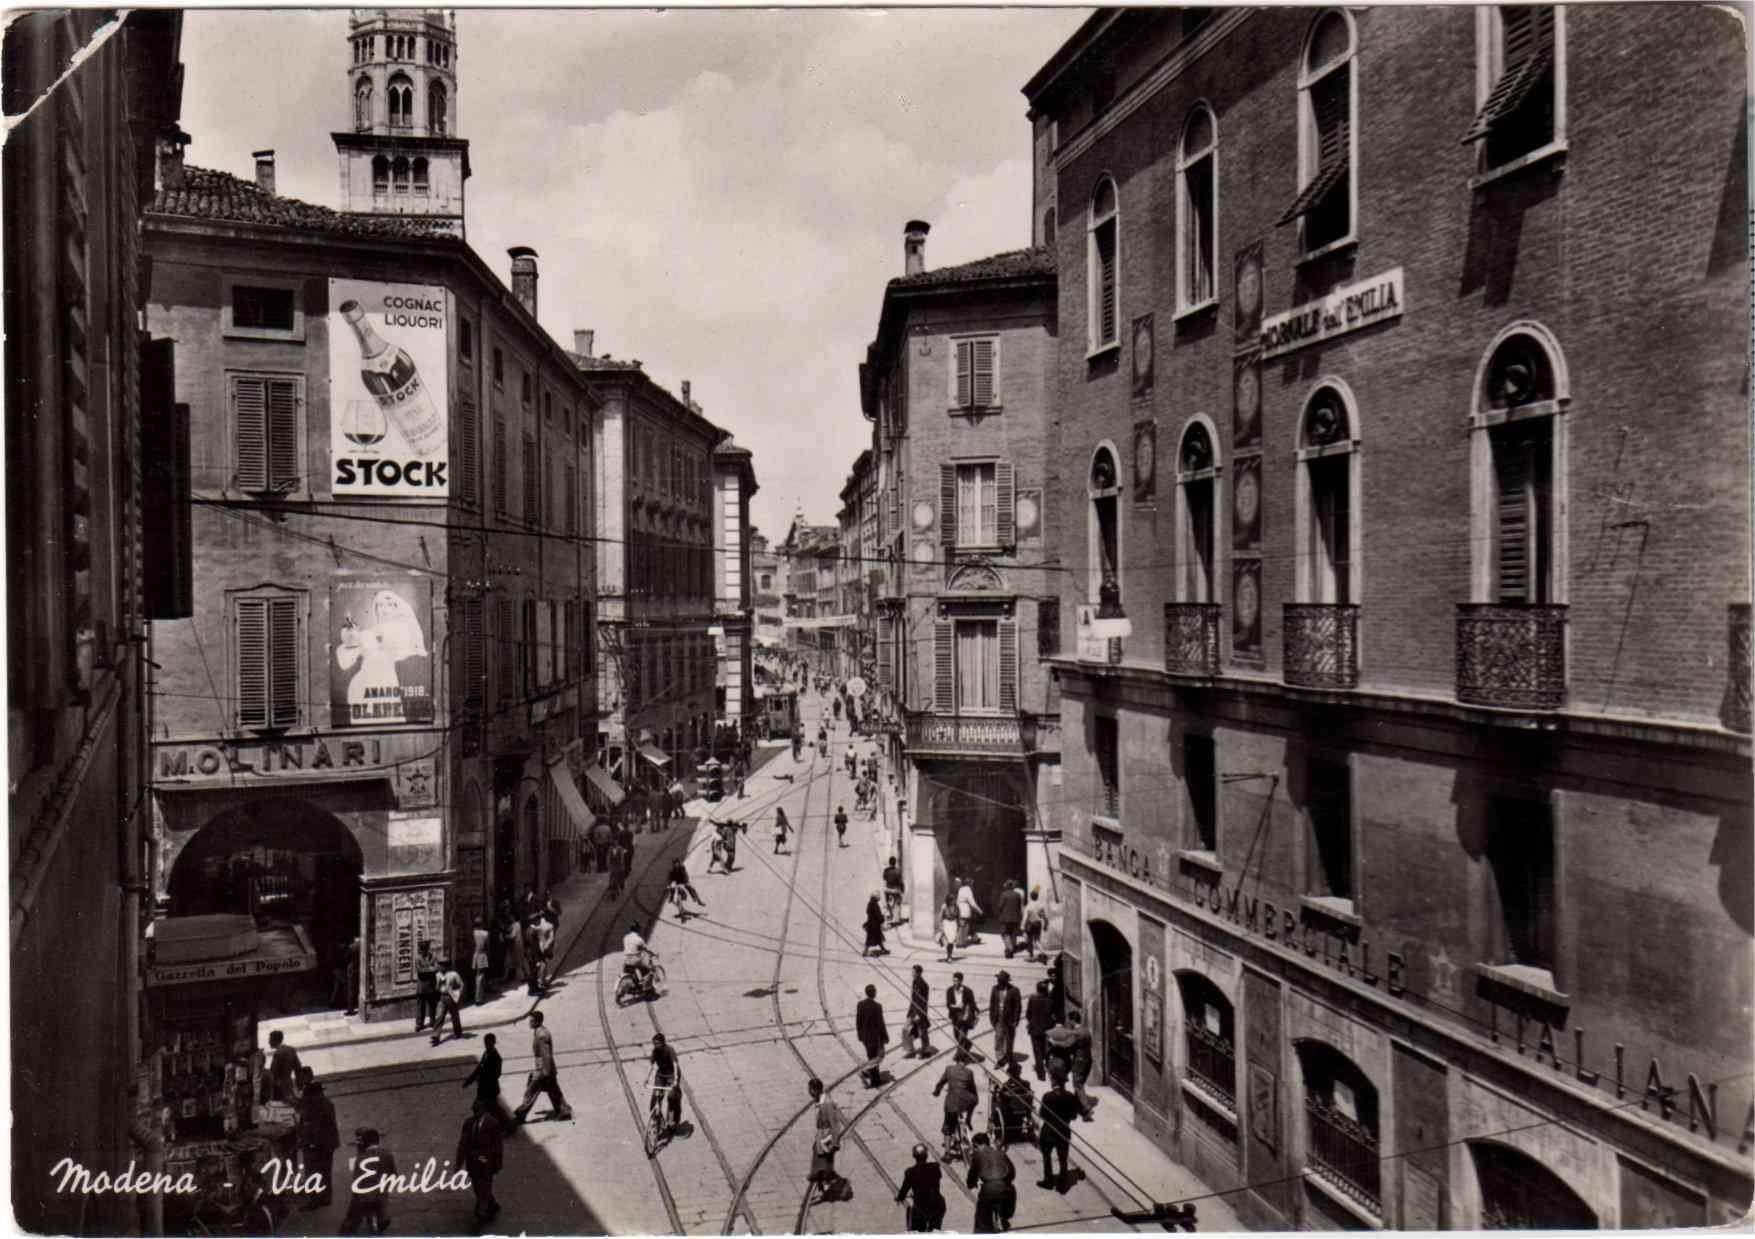 Il 2 giugno a Modena ricorderemo la politica delle cose, tra la gente